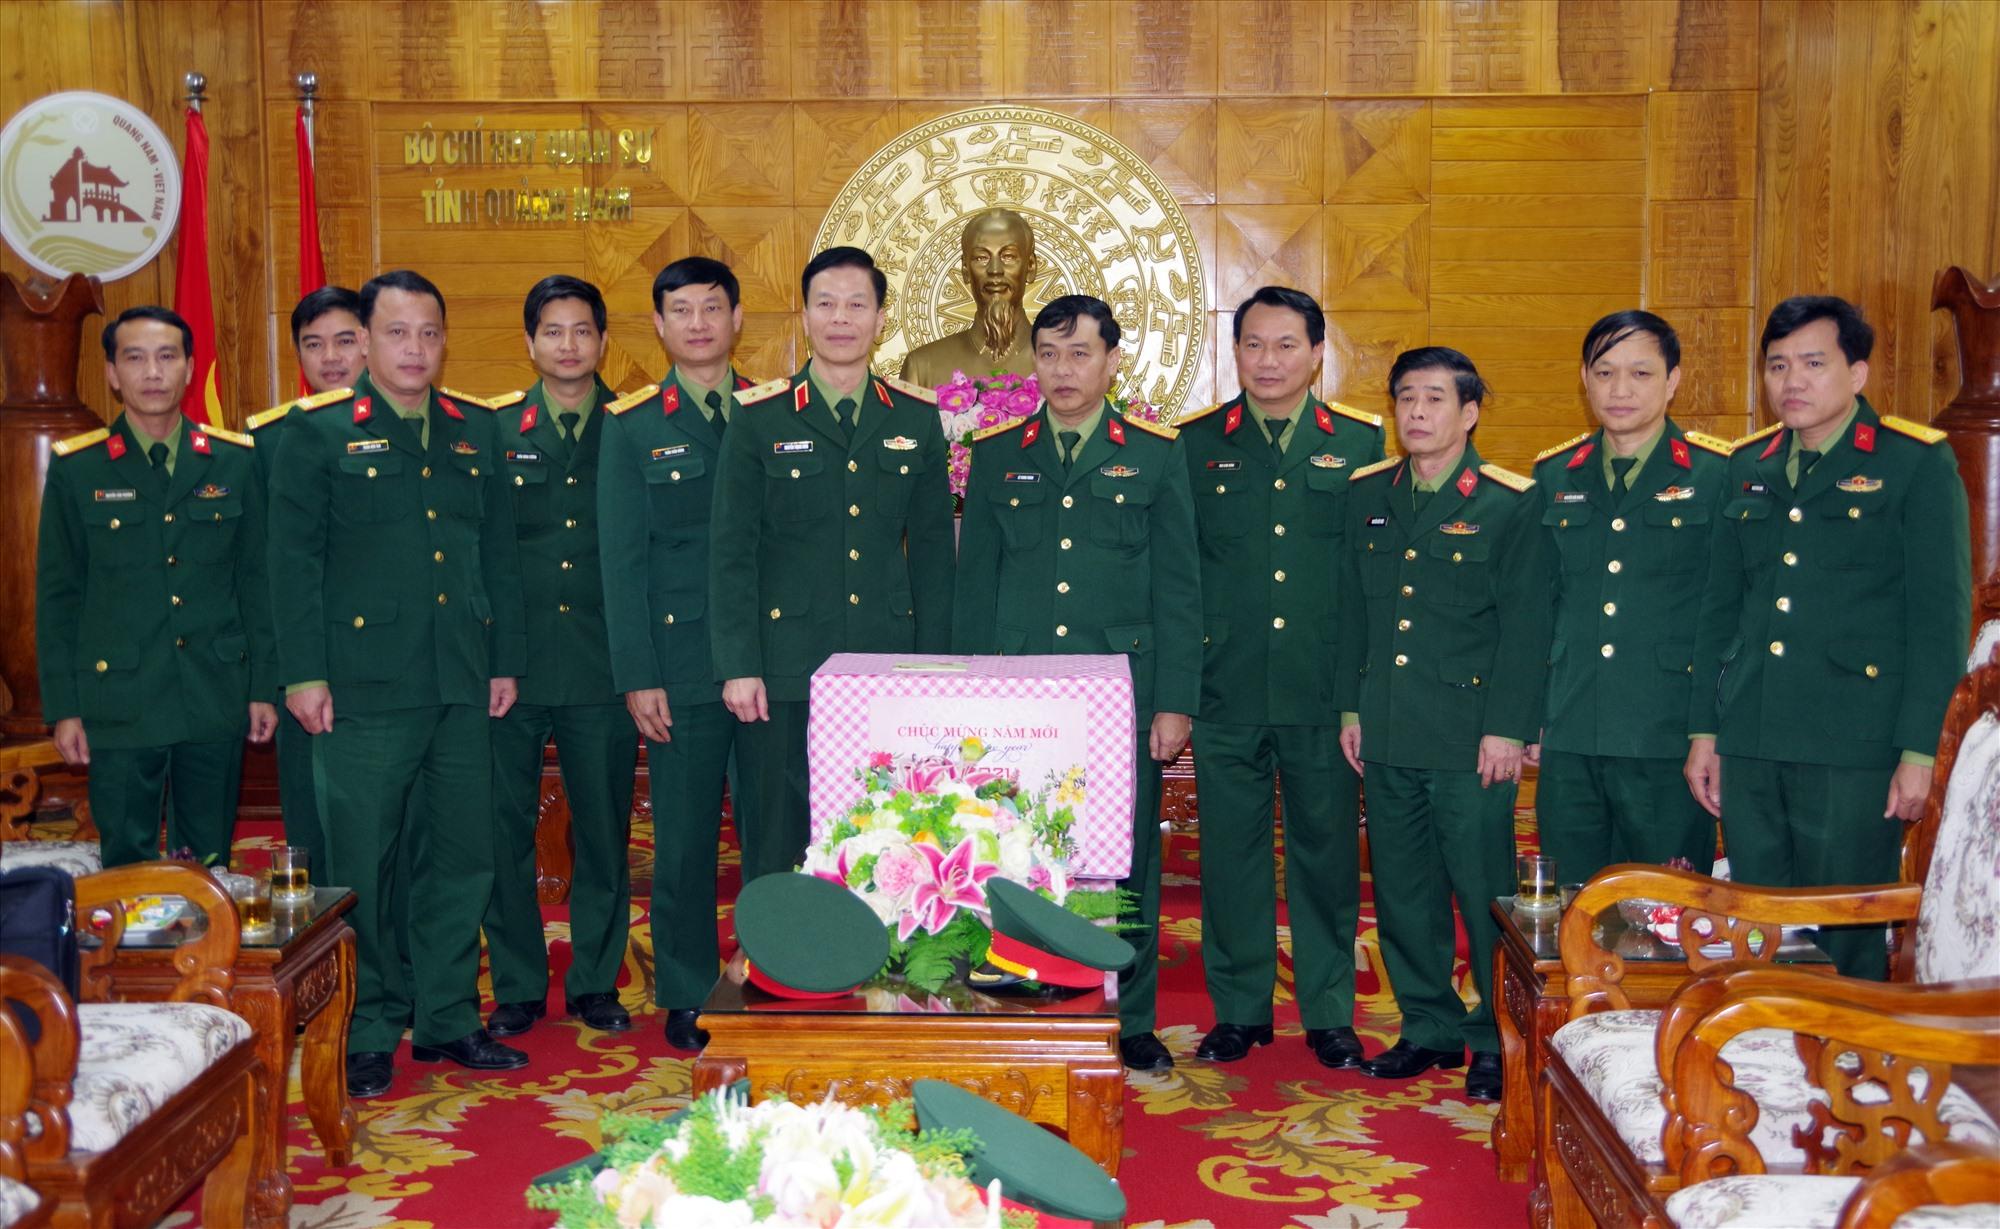 Trung tướng Nguyễn Trọng Bình chúc tết Bộ CHQS tỉnh.